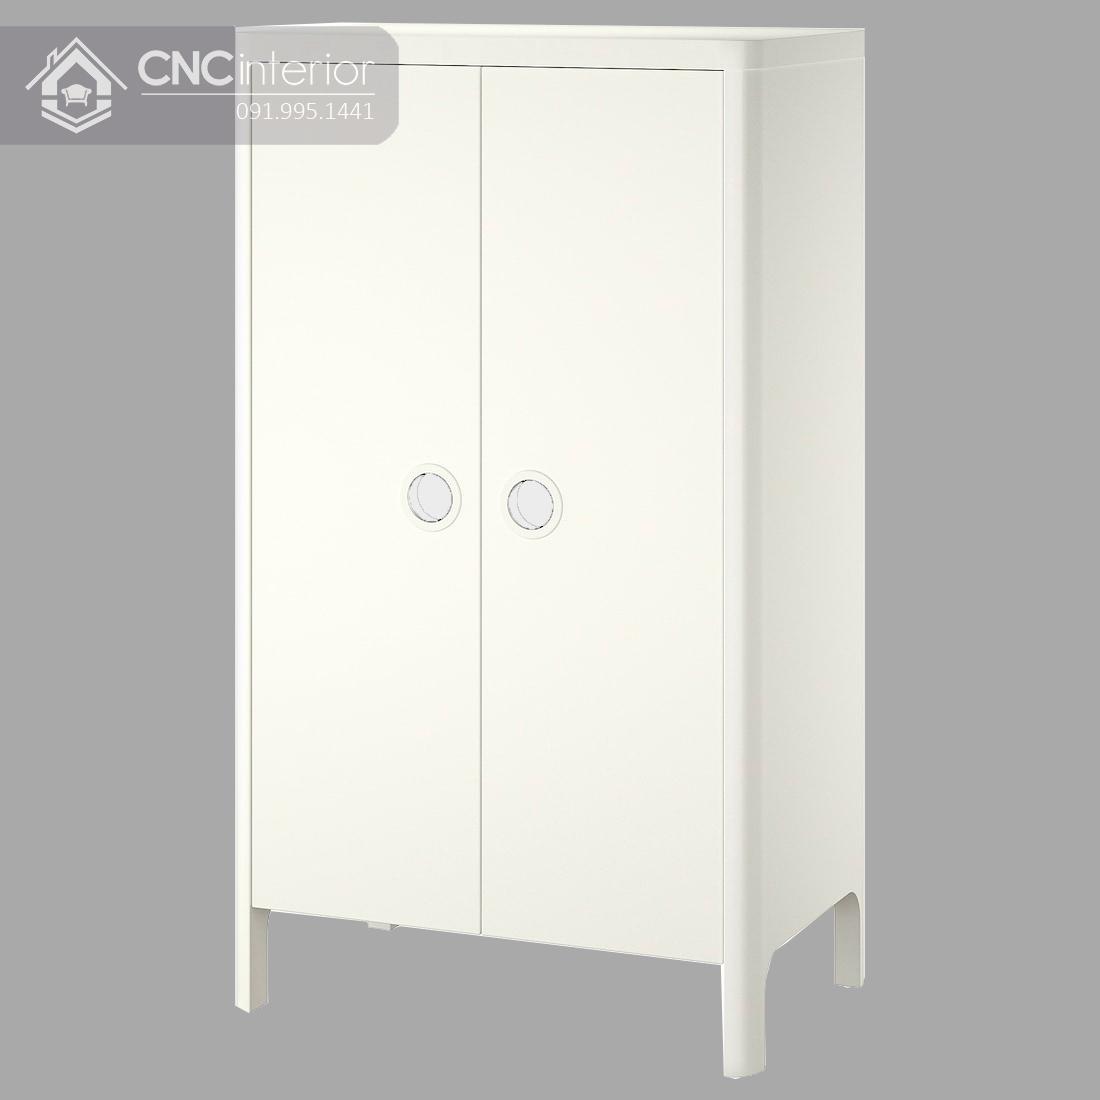 Tủ đựng quần áo đơn giản cho bé CNC 18 1